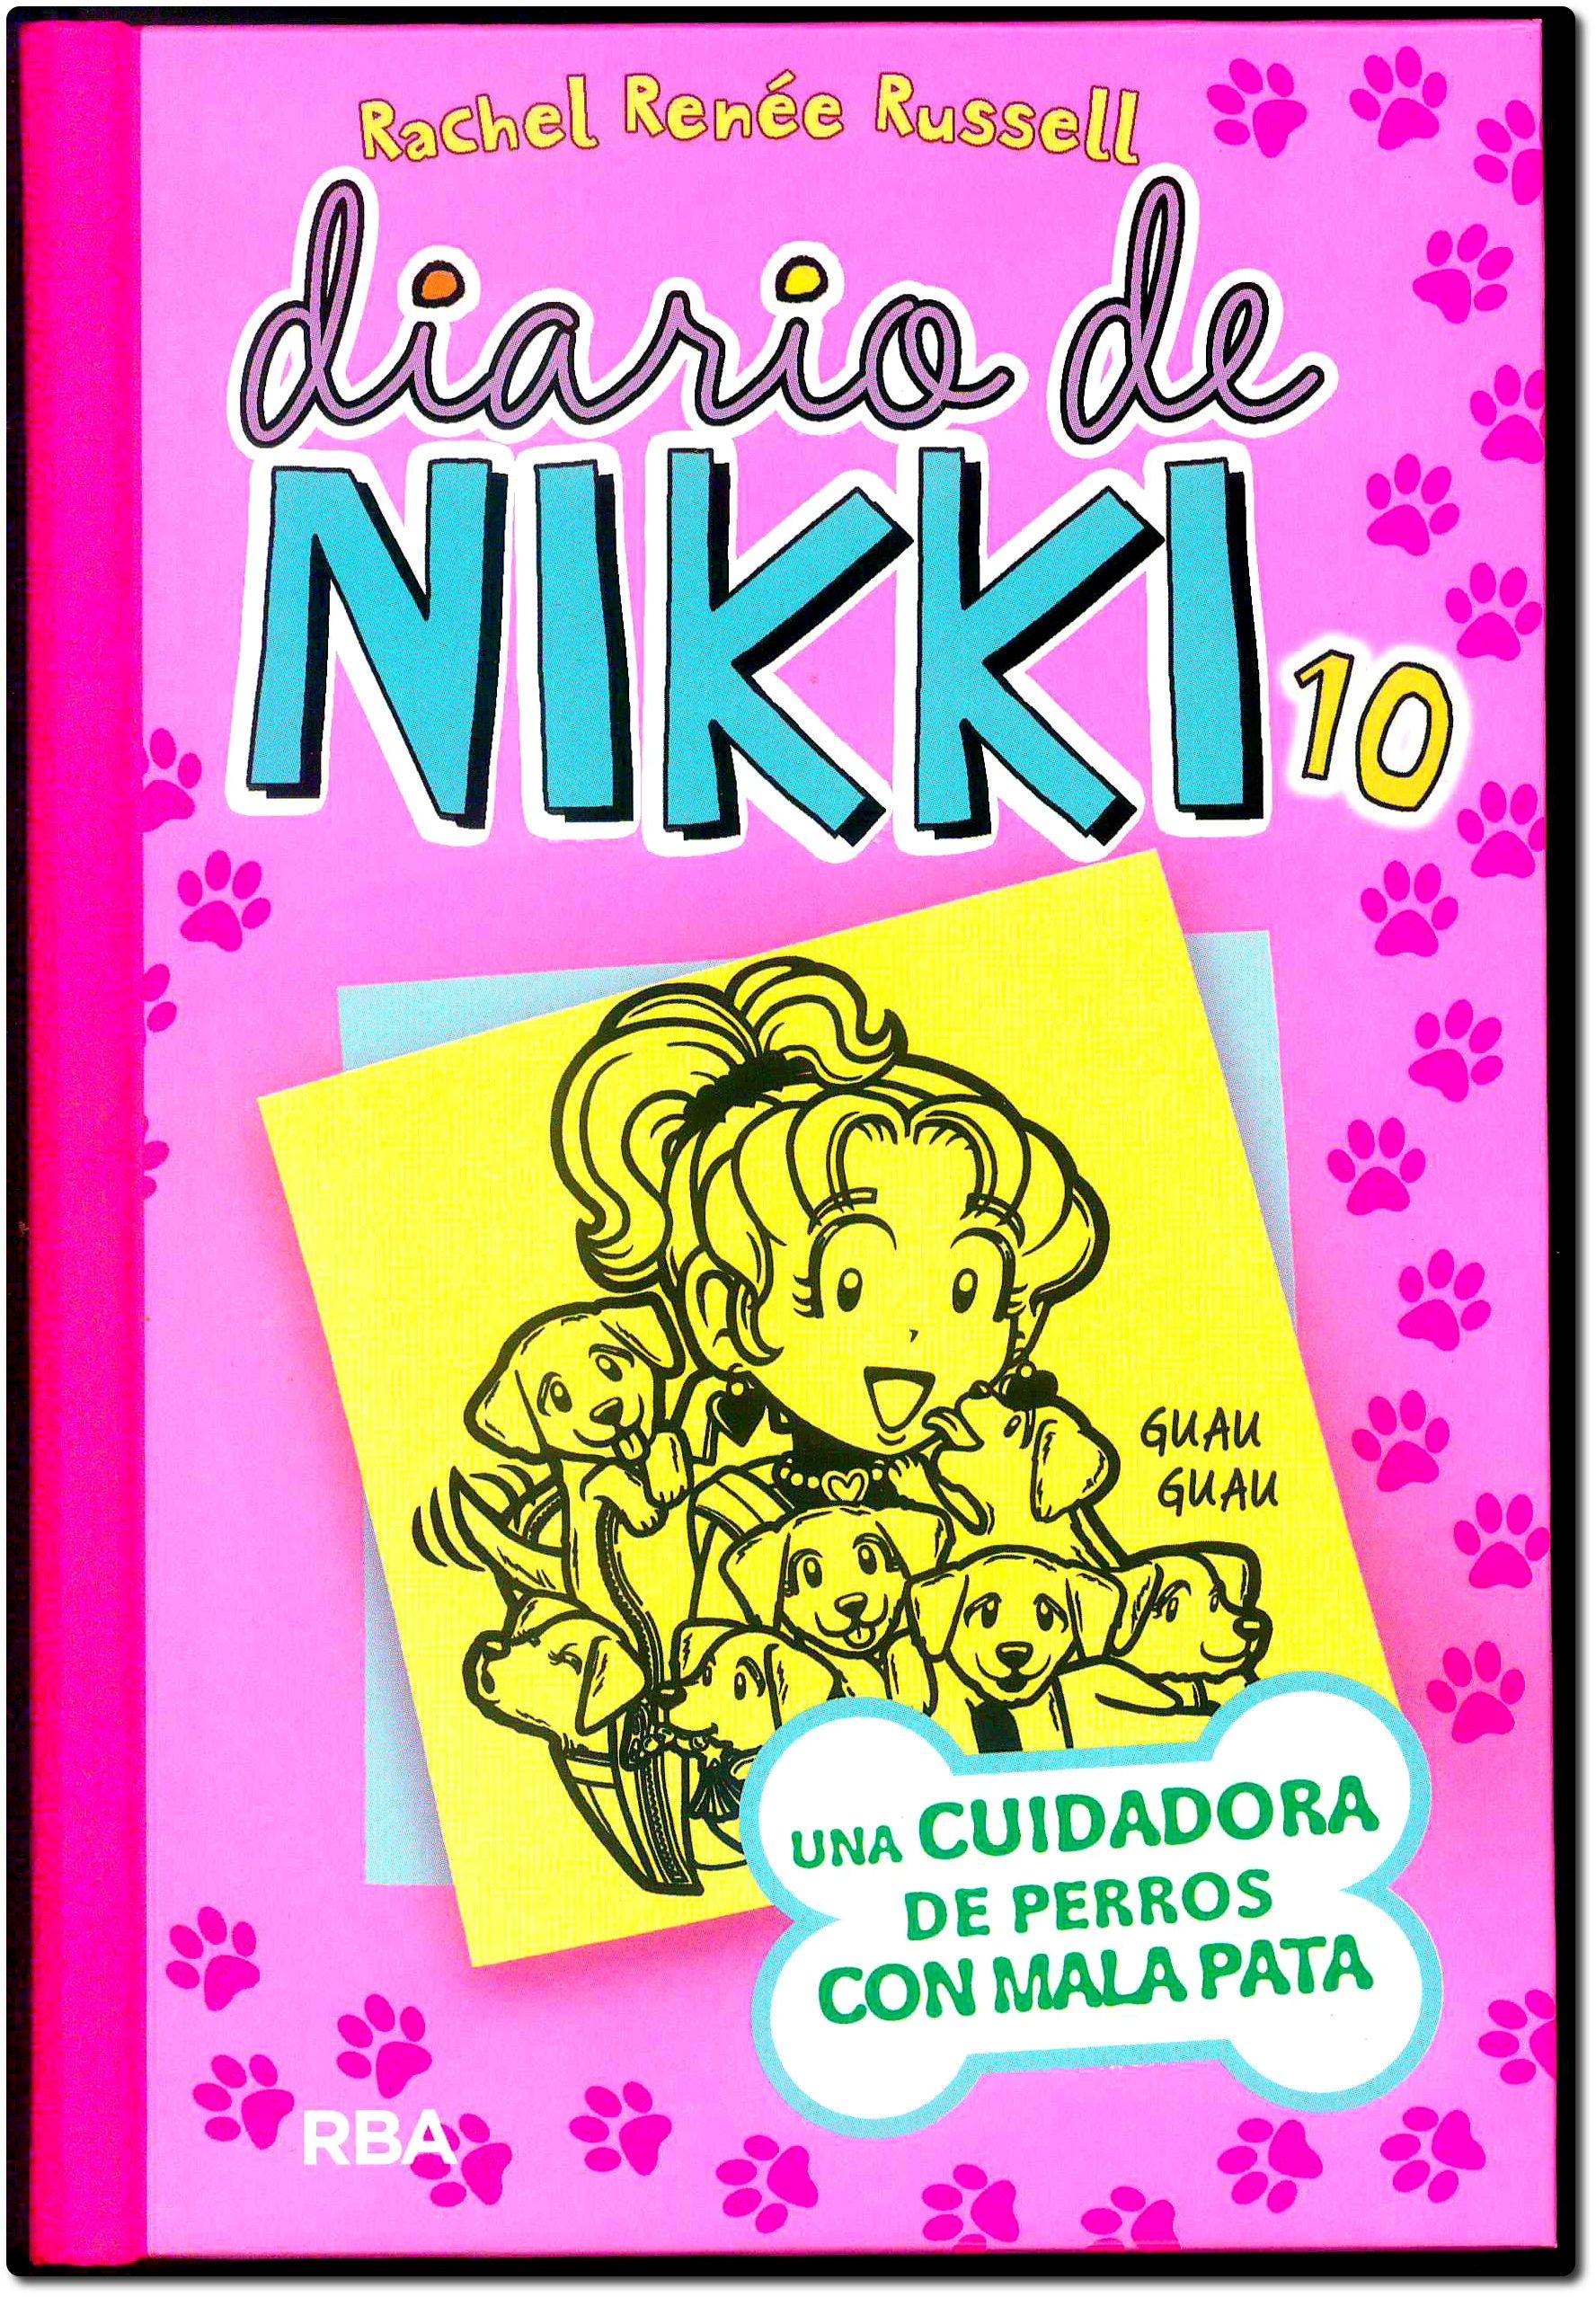 Diario De Nikki 10 Una Cuidadora De Perros Con Mala Pata Rachel Renée Russell Rba 2016 El Diario De Nikki Dork Diaries Libros